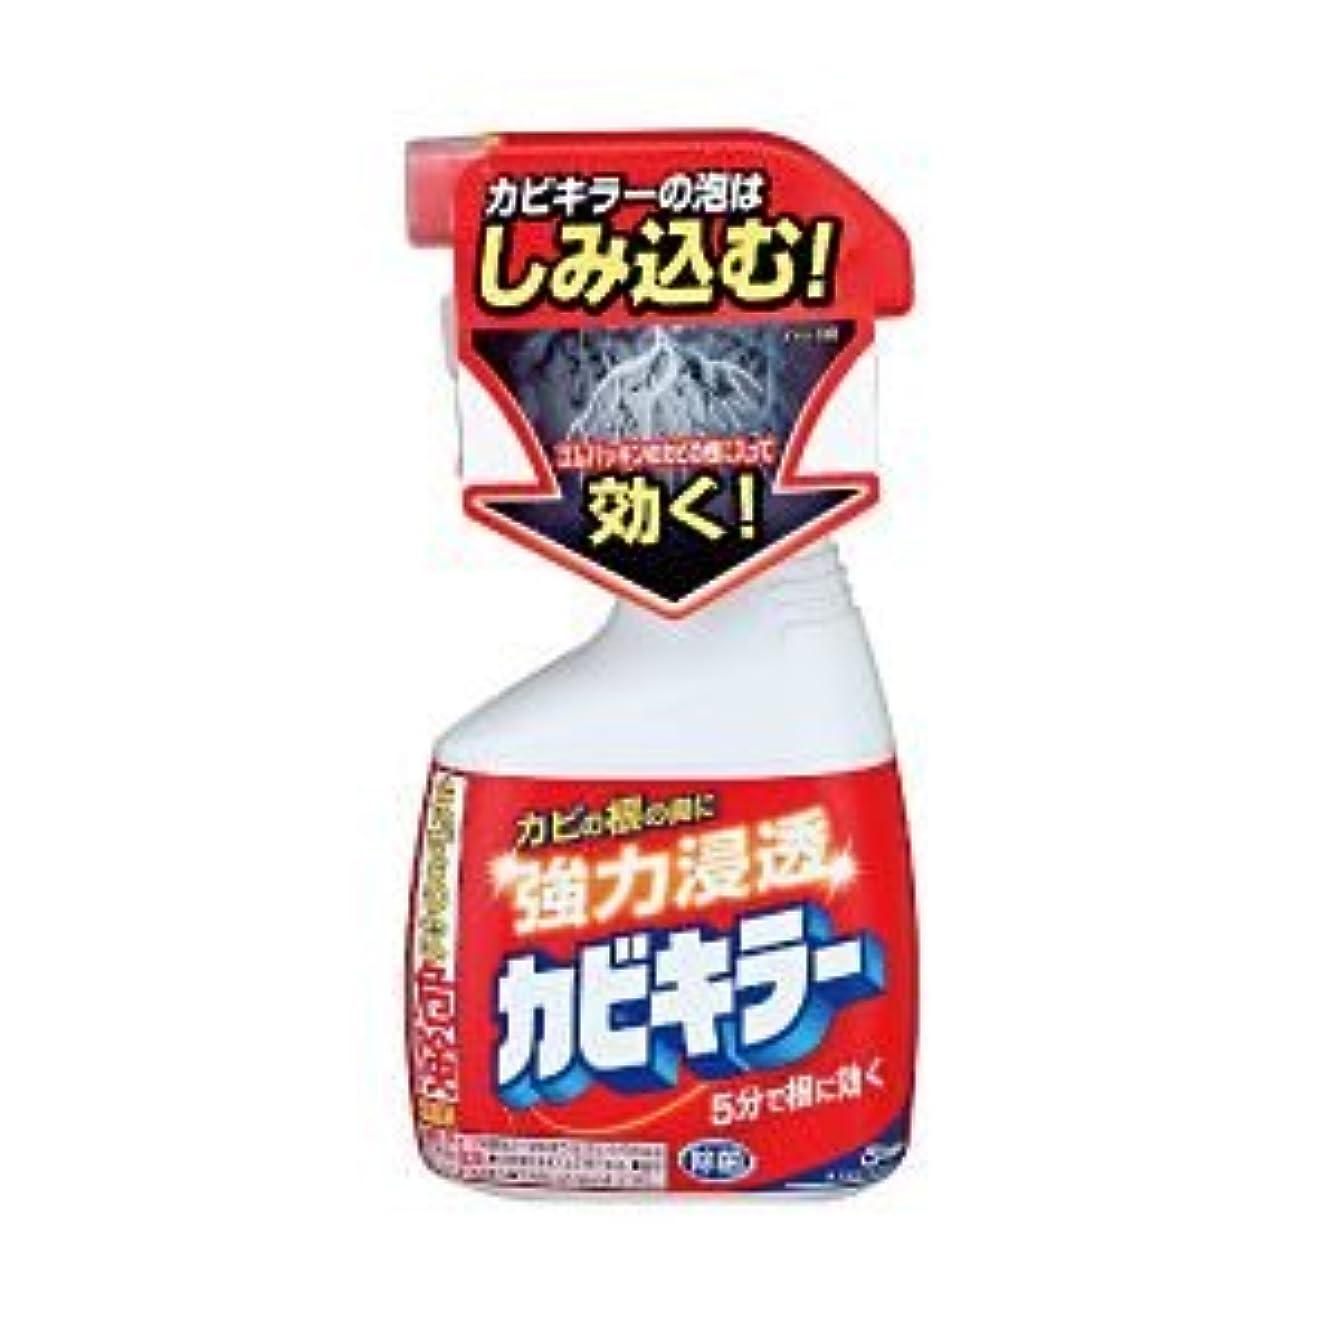 便宜保全パパ(業務用セット) ジョンソン カビキラー 本体 【×10セット】